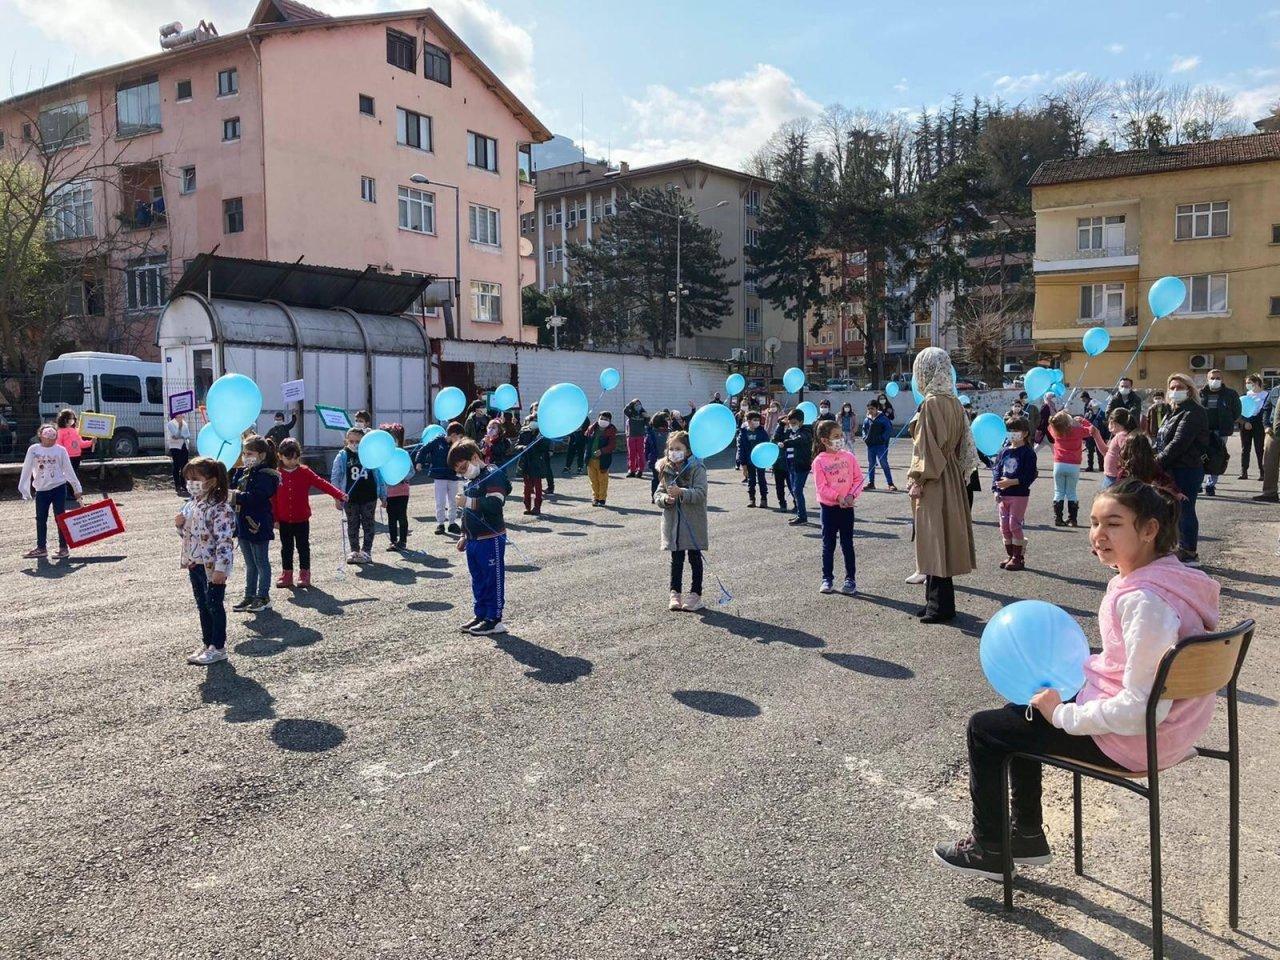 Otizmli Çocuklar Mavi Balonları Gökyüzü İle Buluşturdu